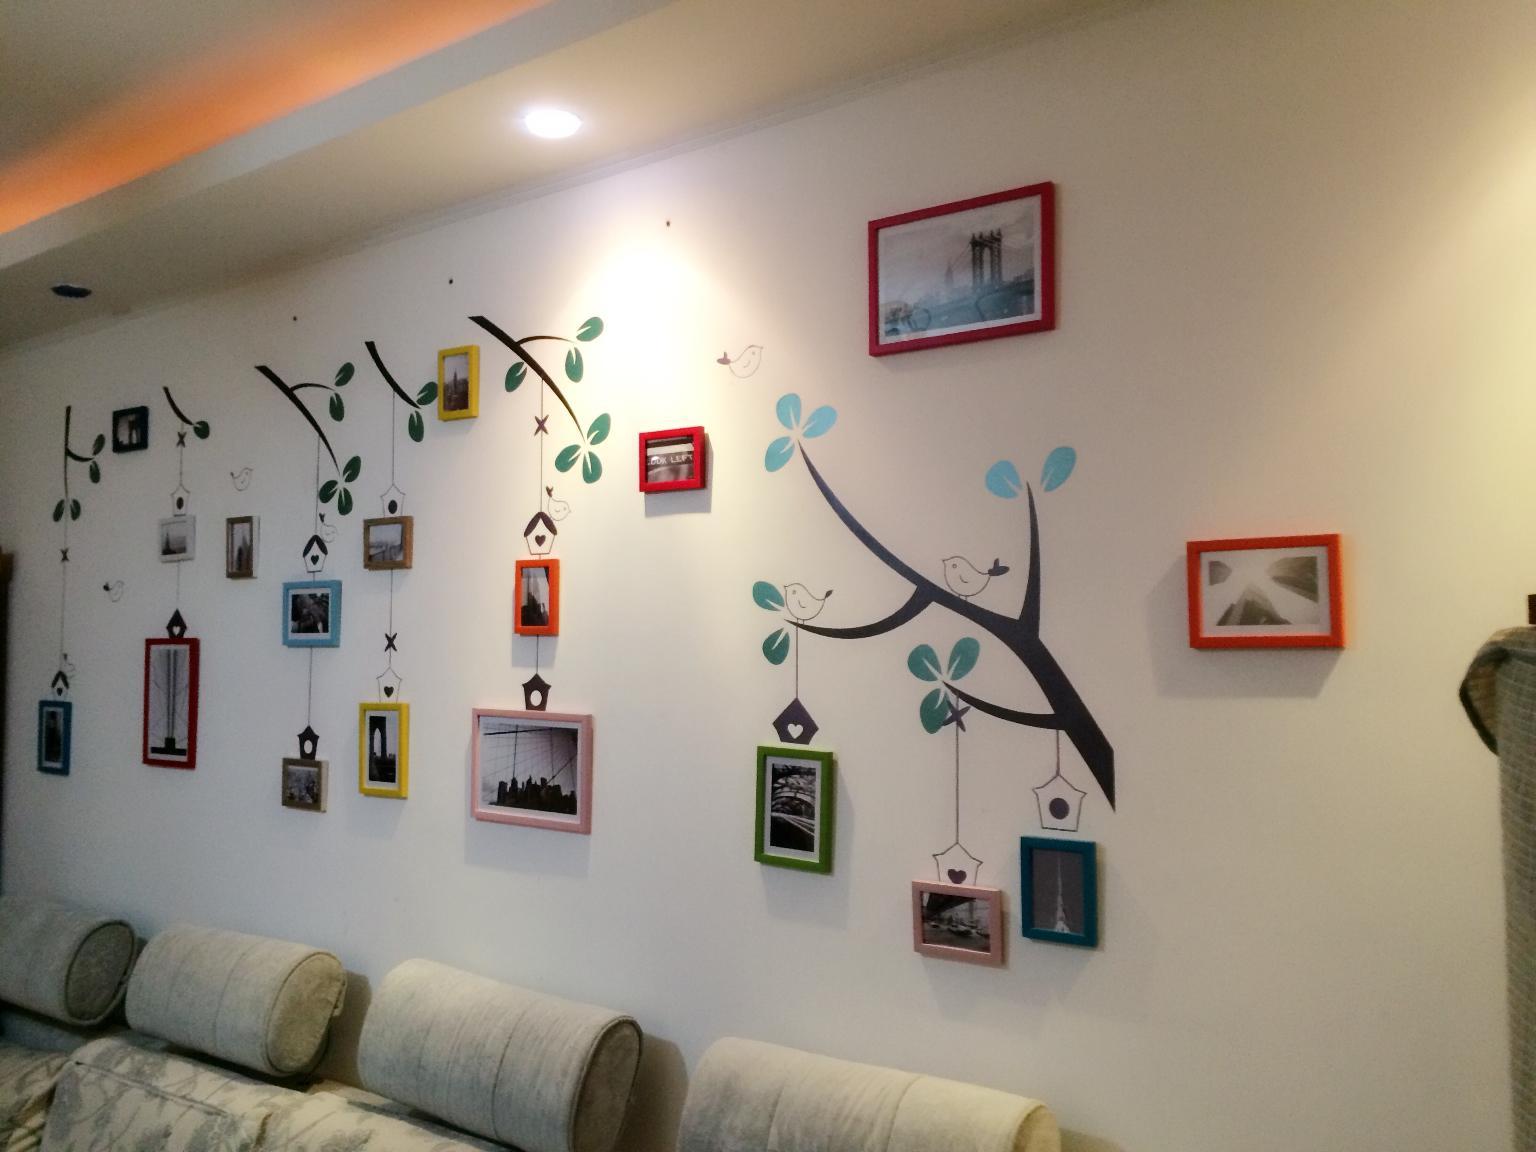 龙柒墙绘 各种背景墙沙发电视床头照片背景墙